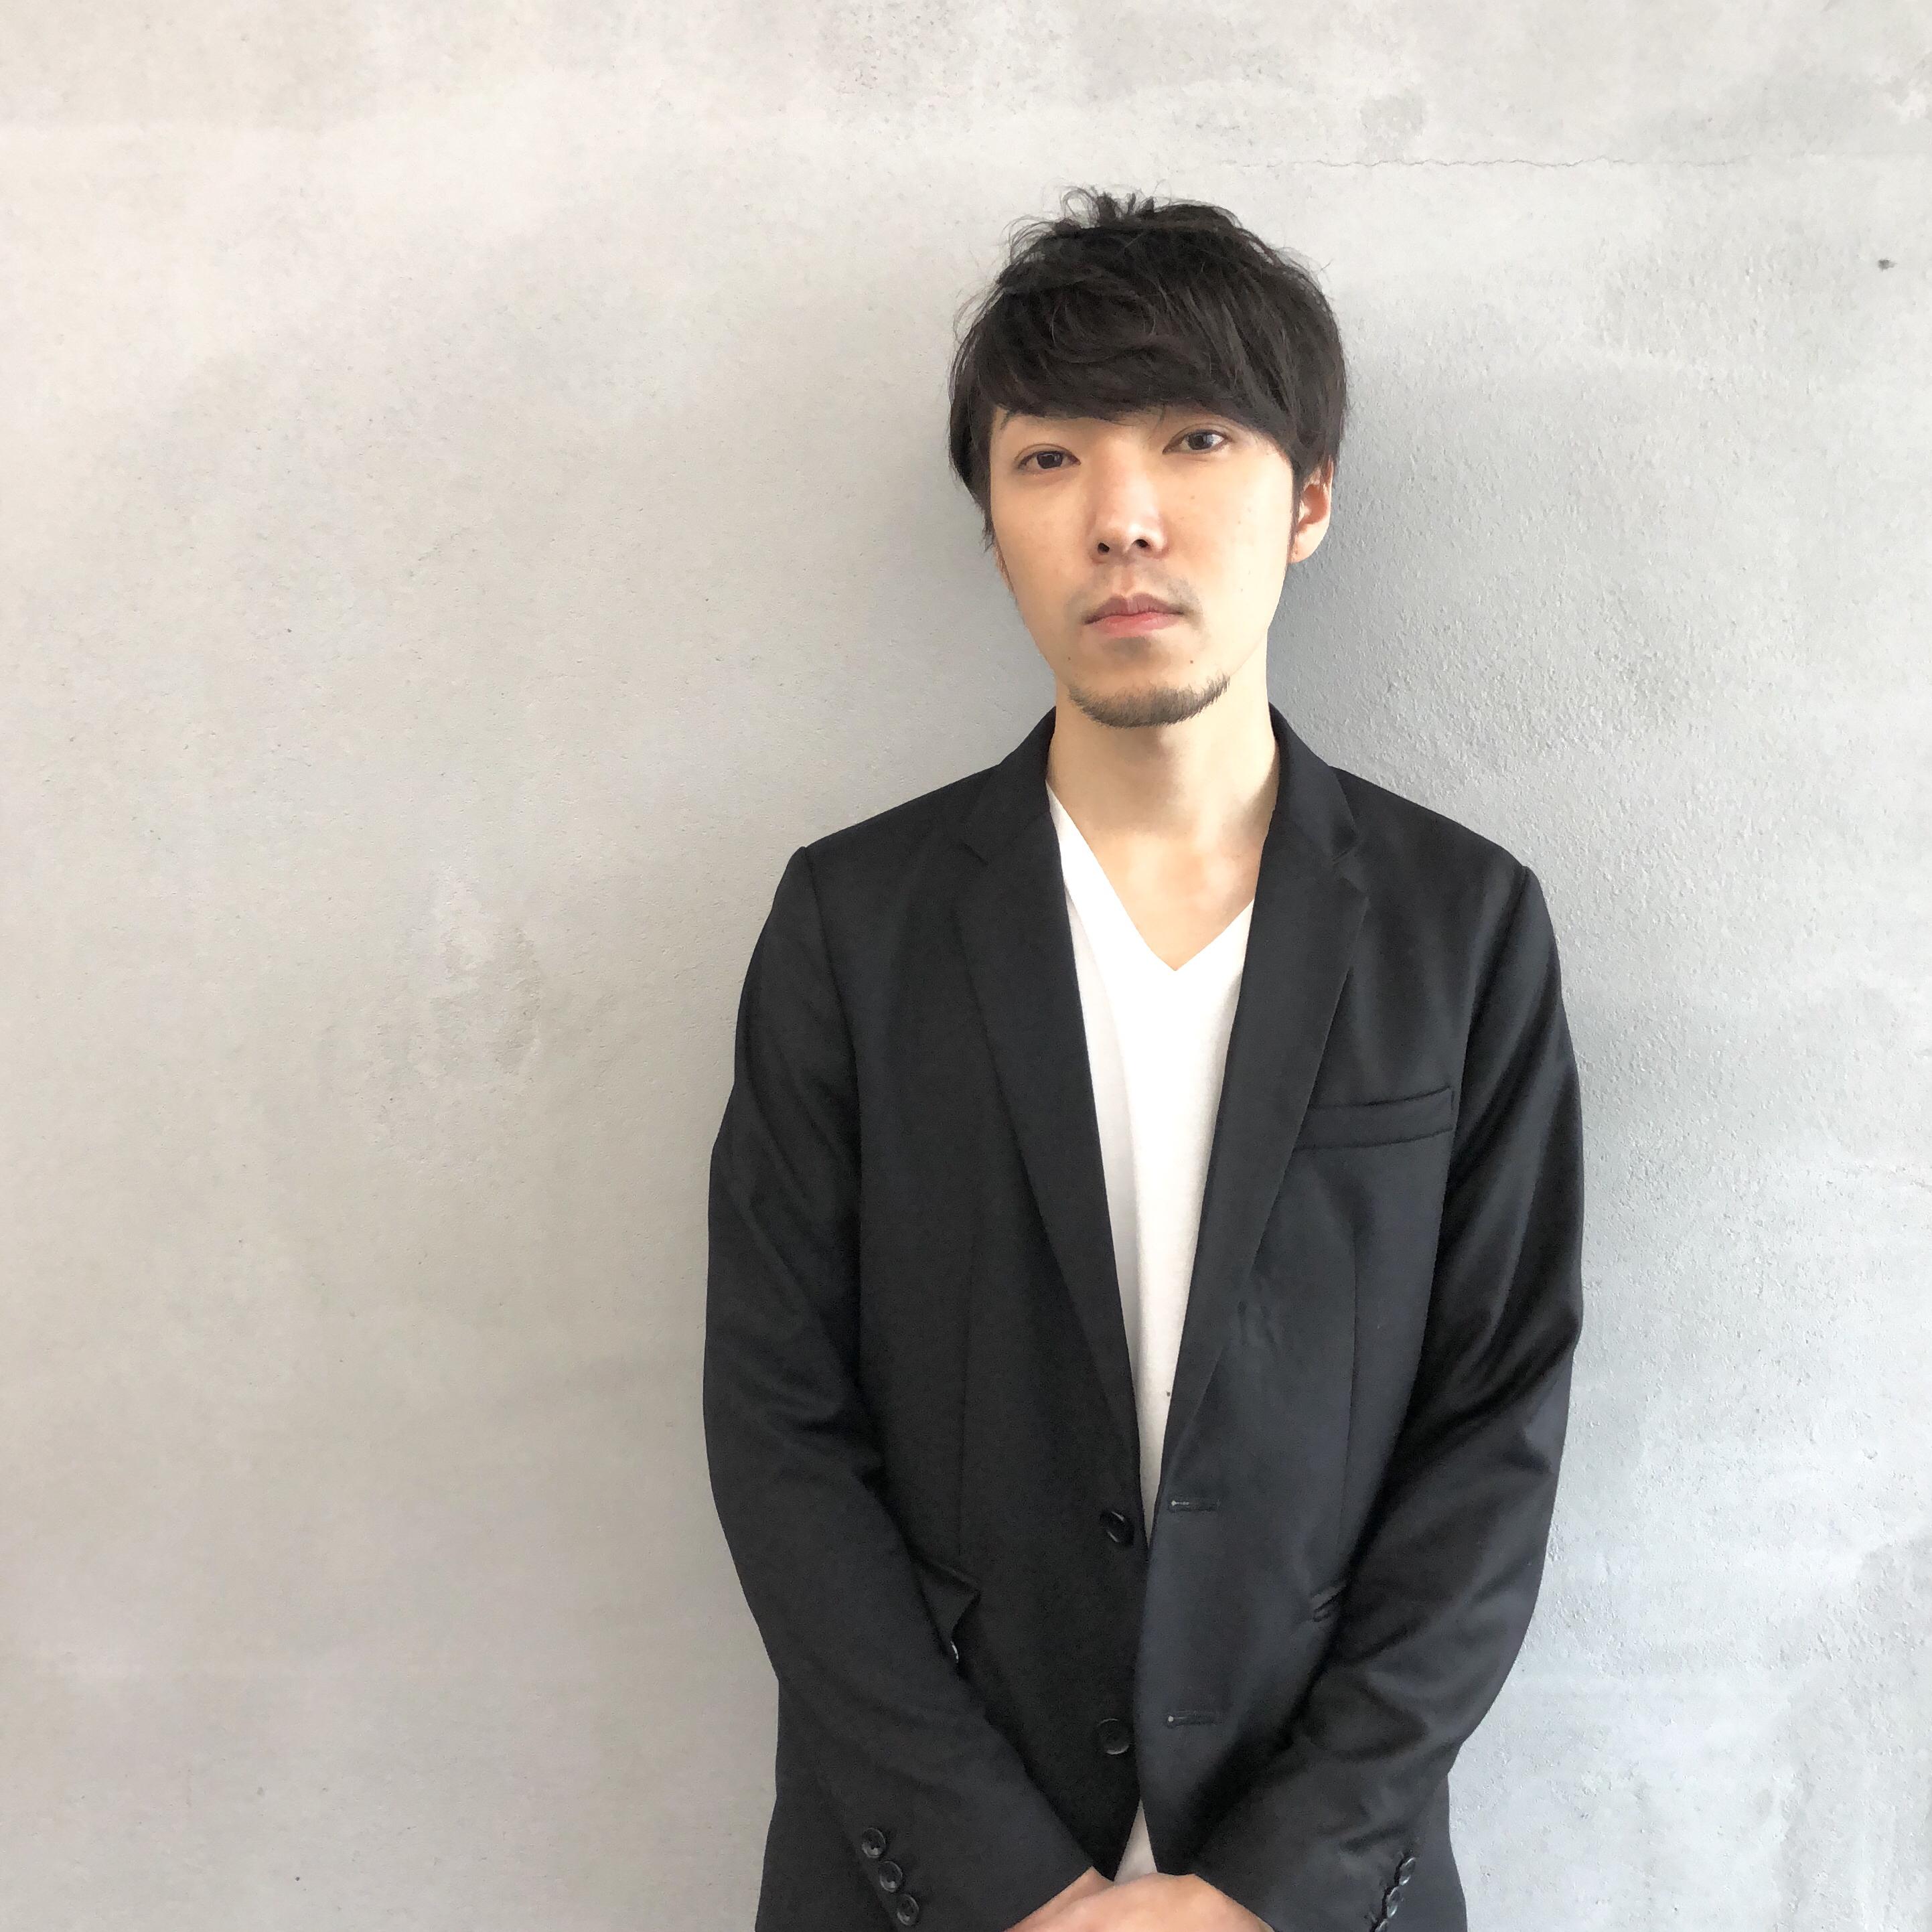 葛西 祐介【N/92co.】